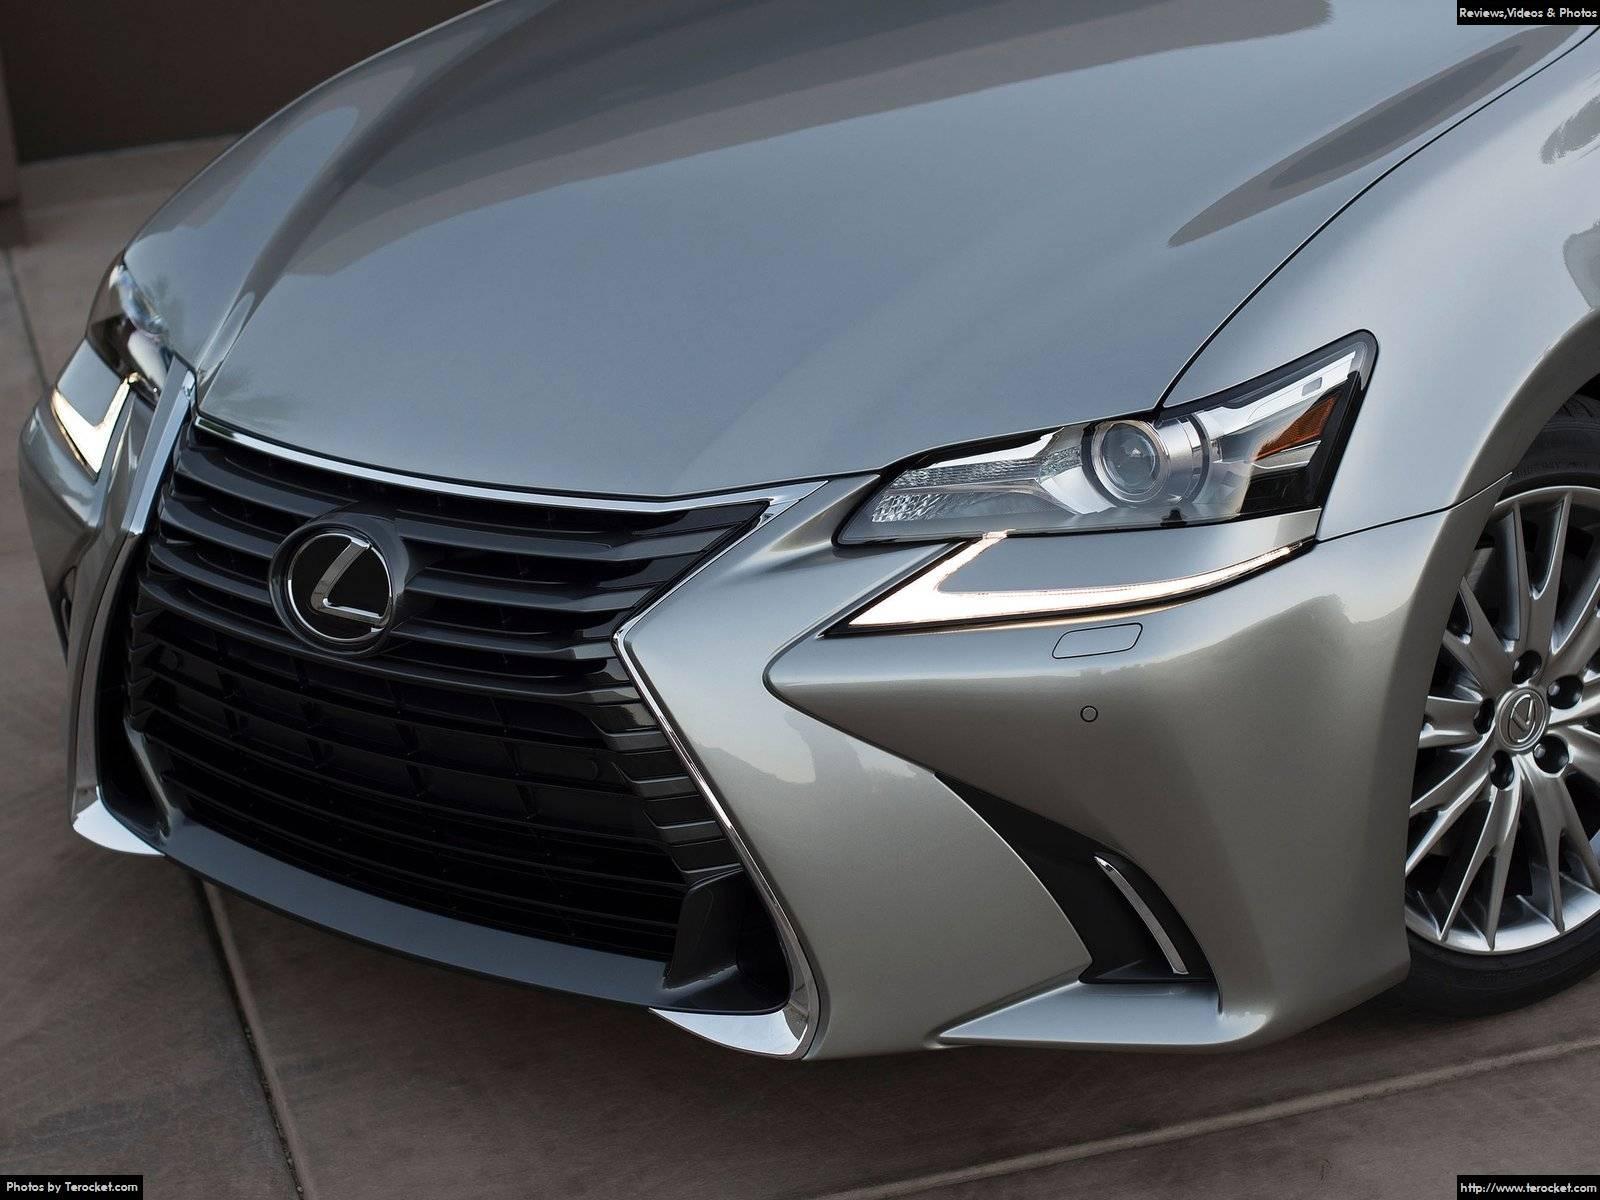 Hình ảnh xe ô tô Lexus GS 200t 2016 & nội ngoại thất